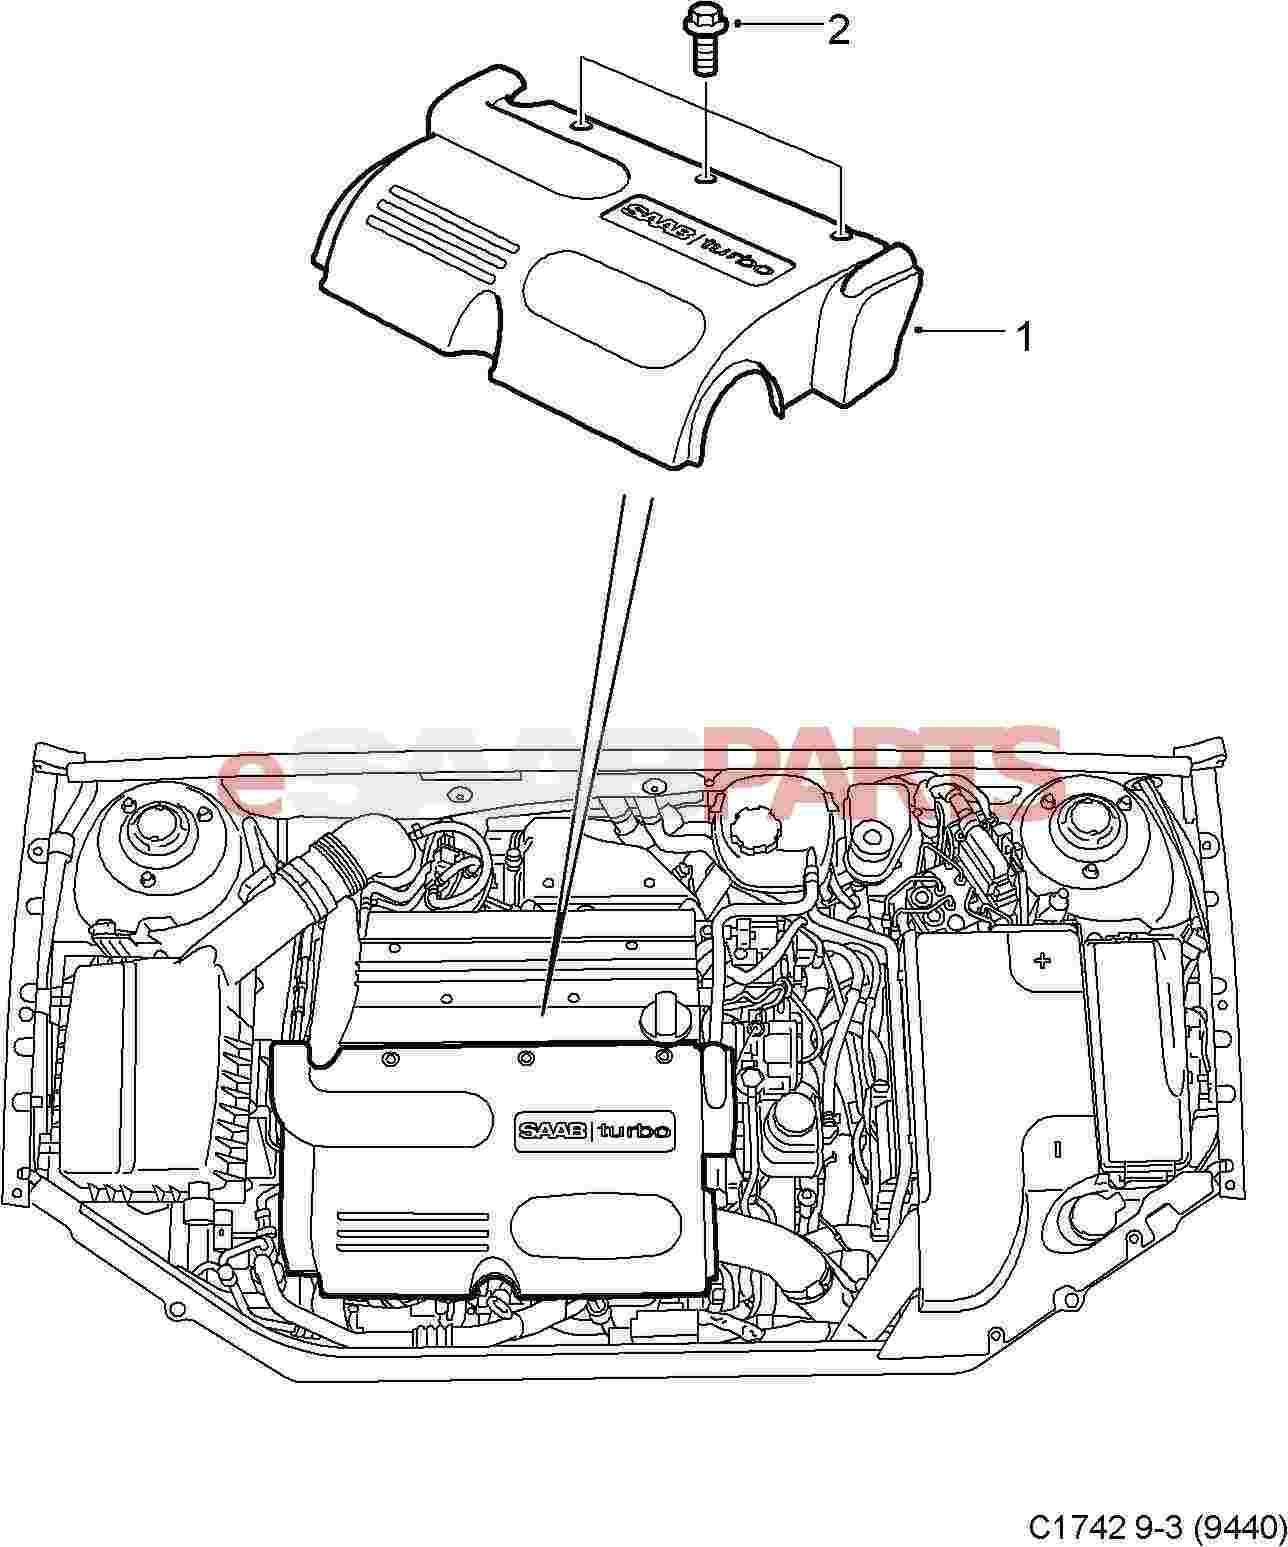 saab 9 3 wiring diagram gearbox oil